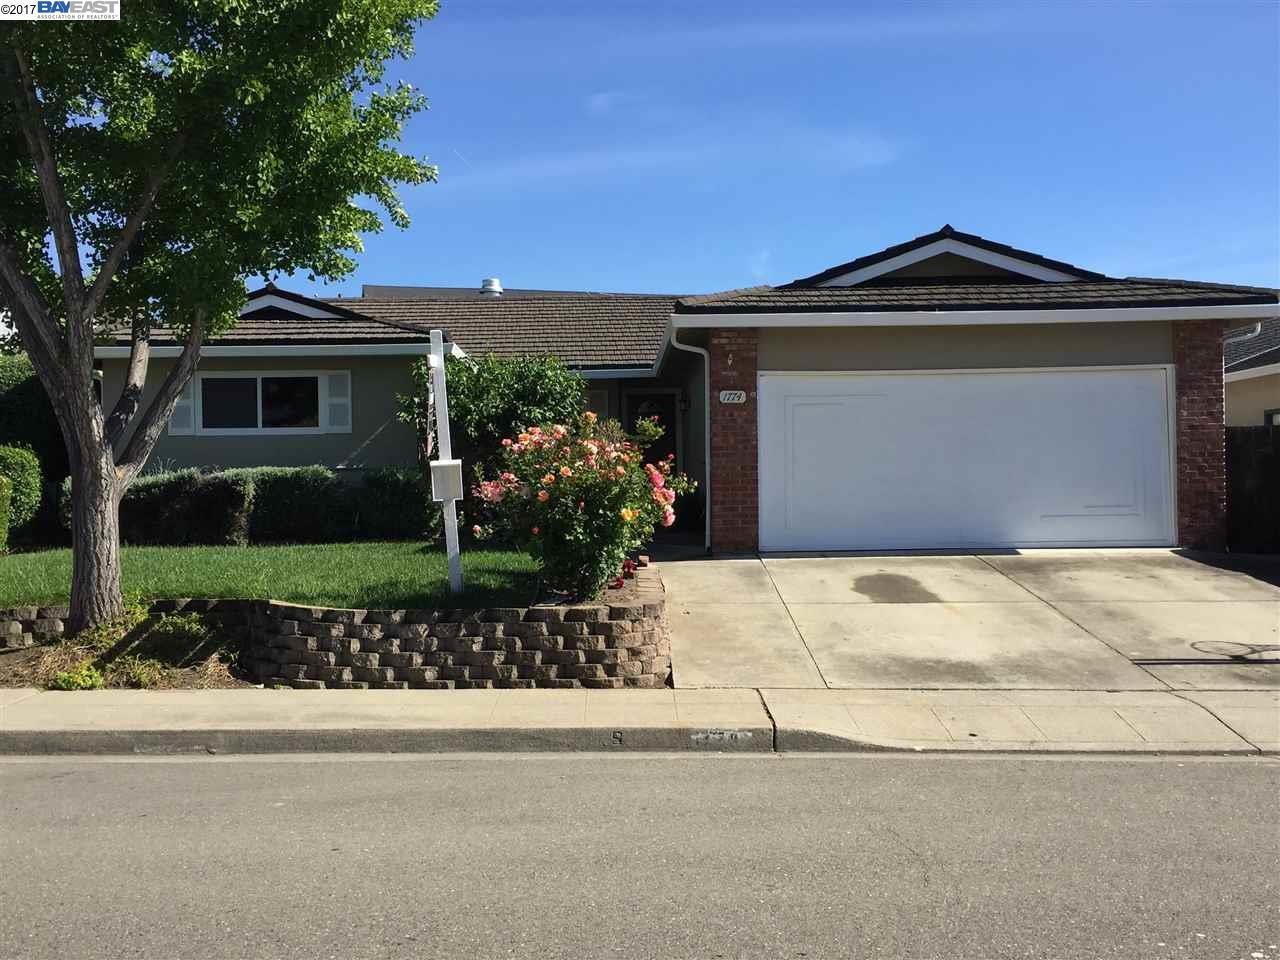 一戸建て のために 売買 アット 1774 Butano Milpitas, カリフォルニア 95035 アメリカ合衆国